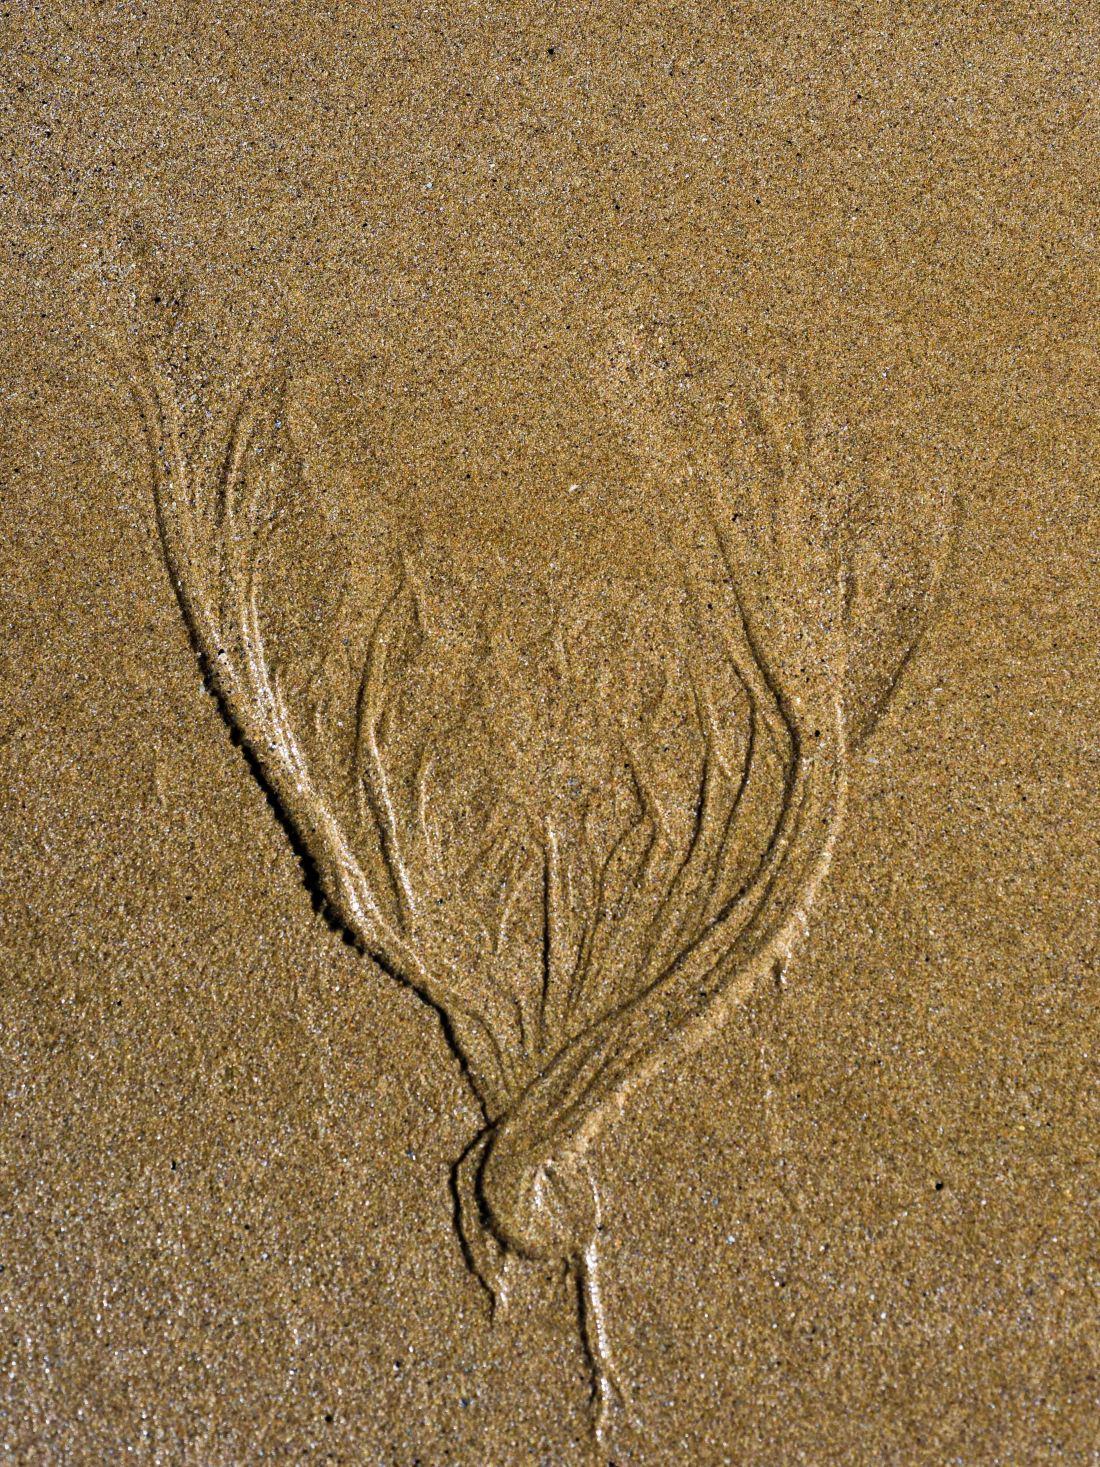 Beach minutiae-6926